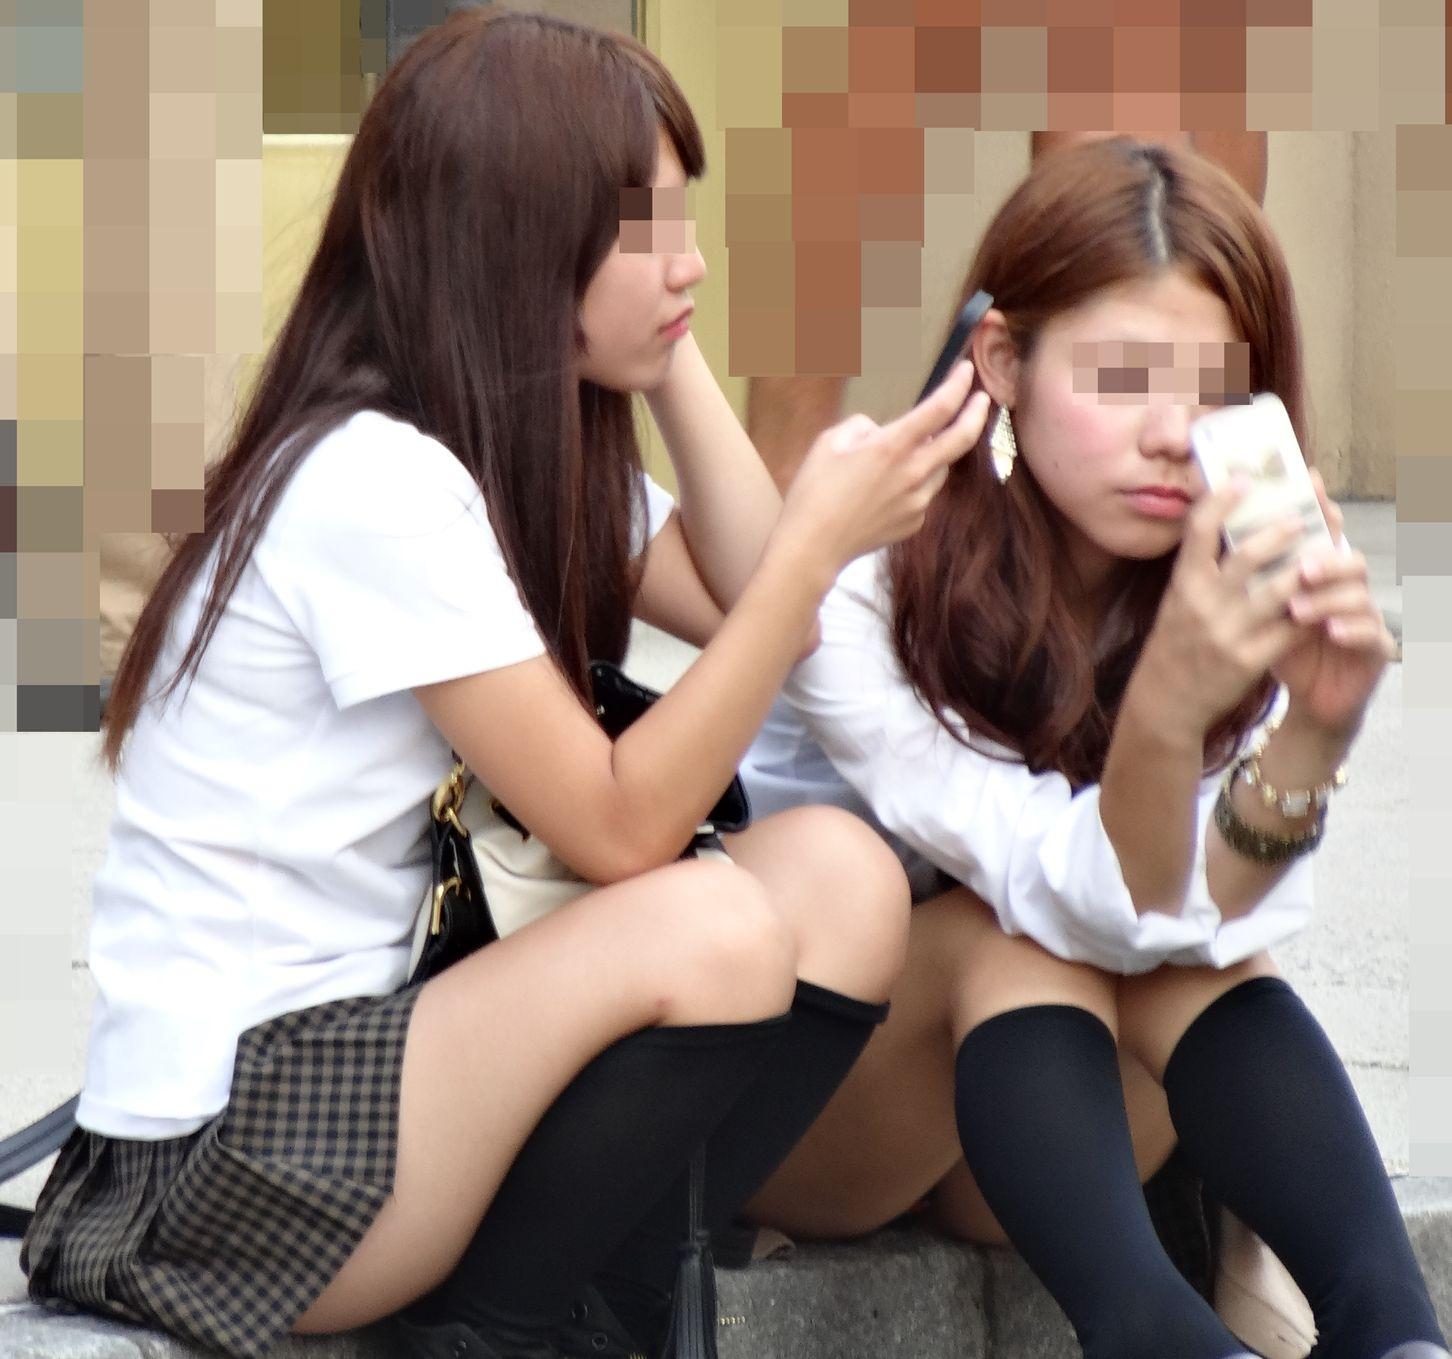 【画像】女子高生のパンツの魔力ってすごいよなwww